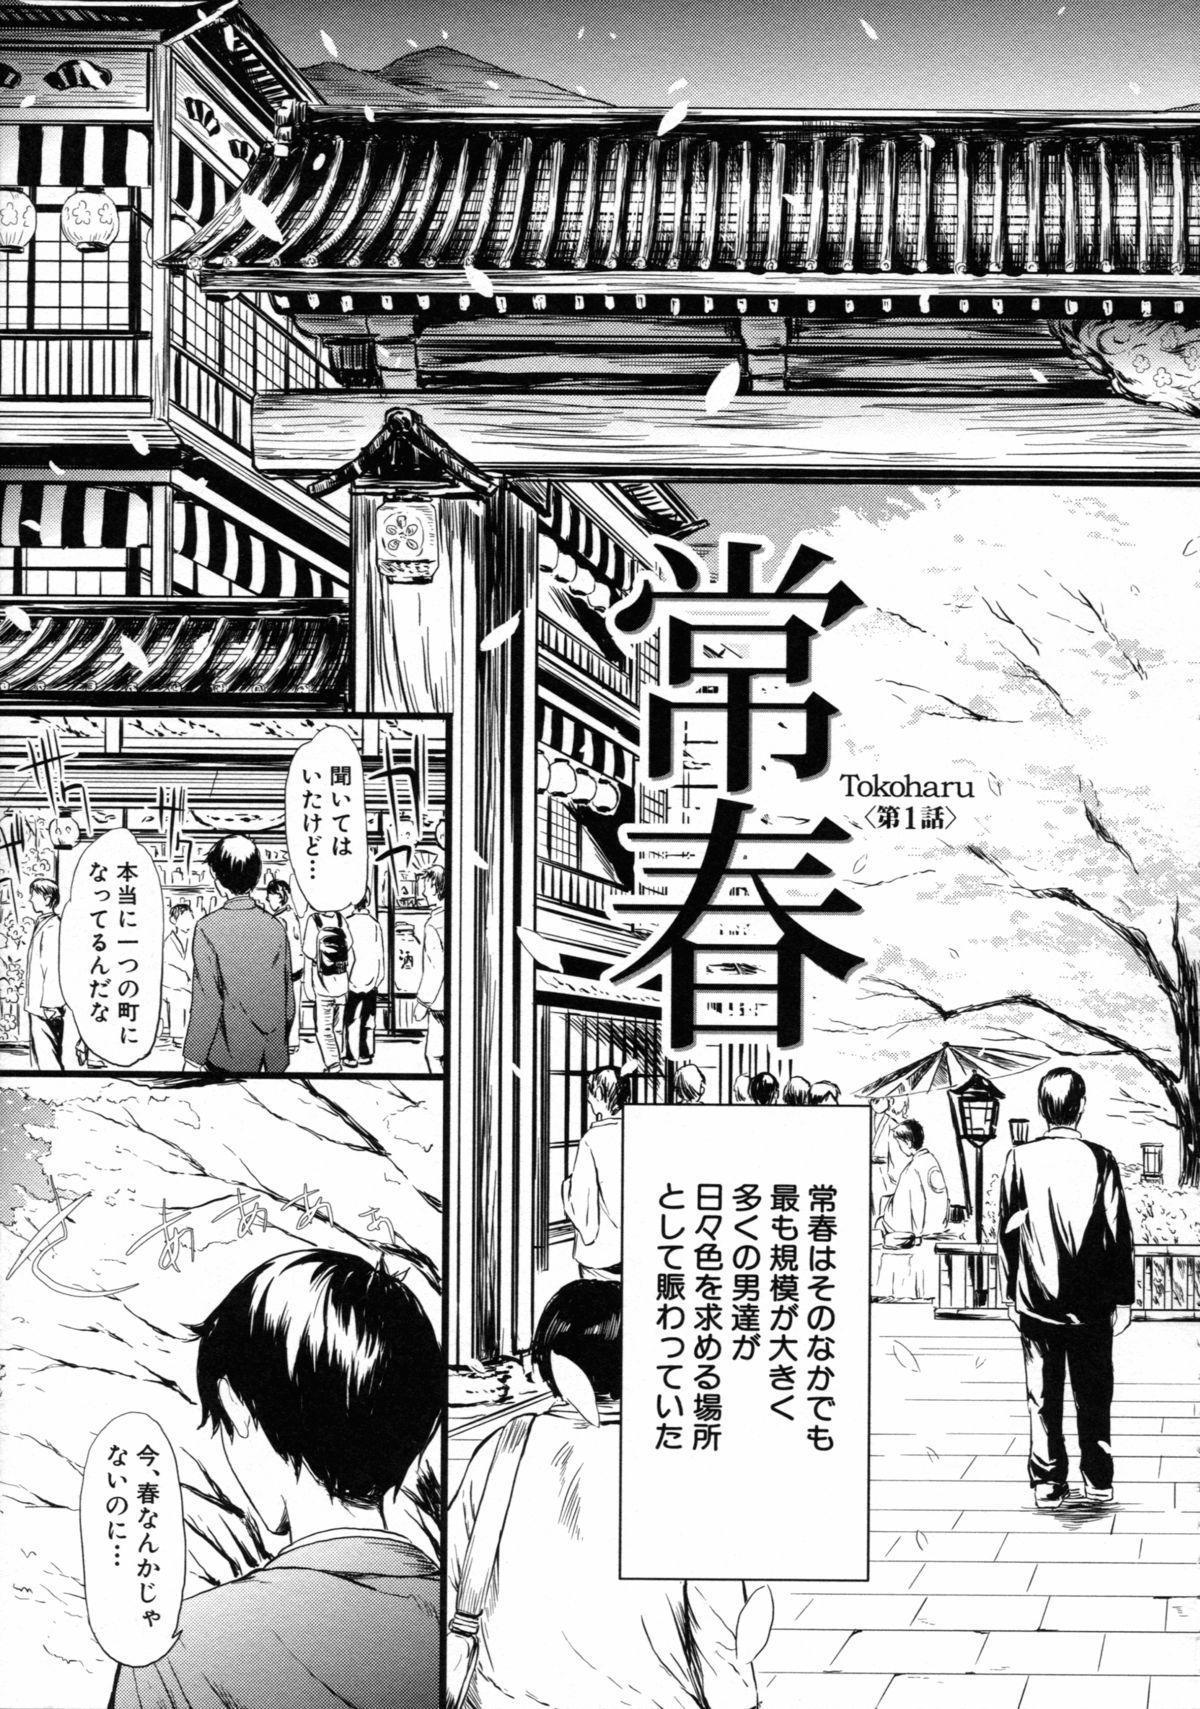 [Shiki Takuto] Tokoharu no Shoujo-tachi - The Girls in the Eternal Spring 11